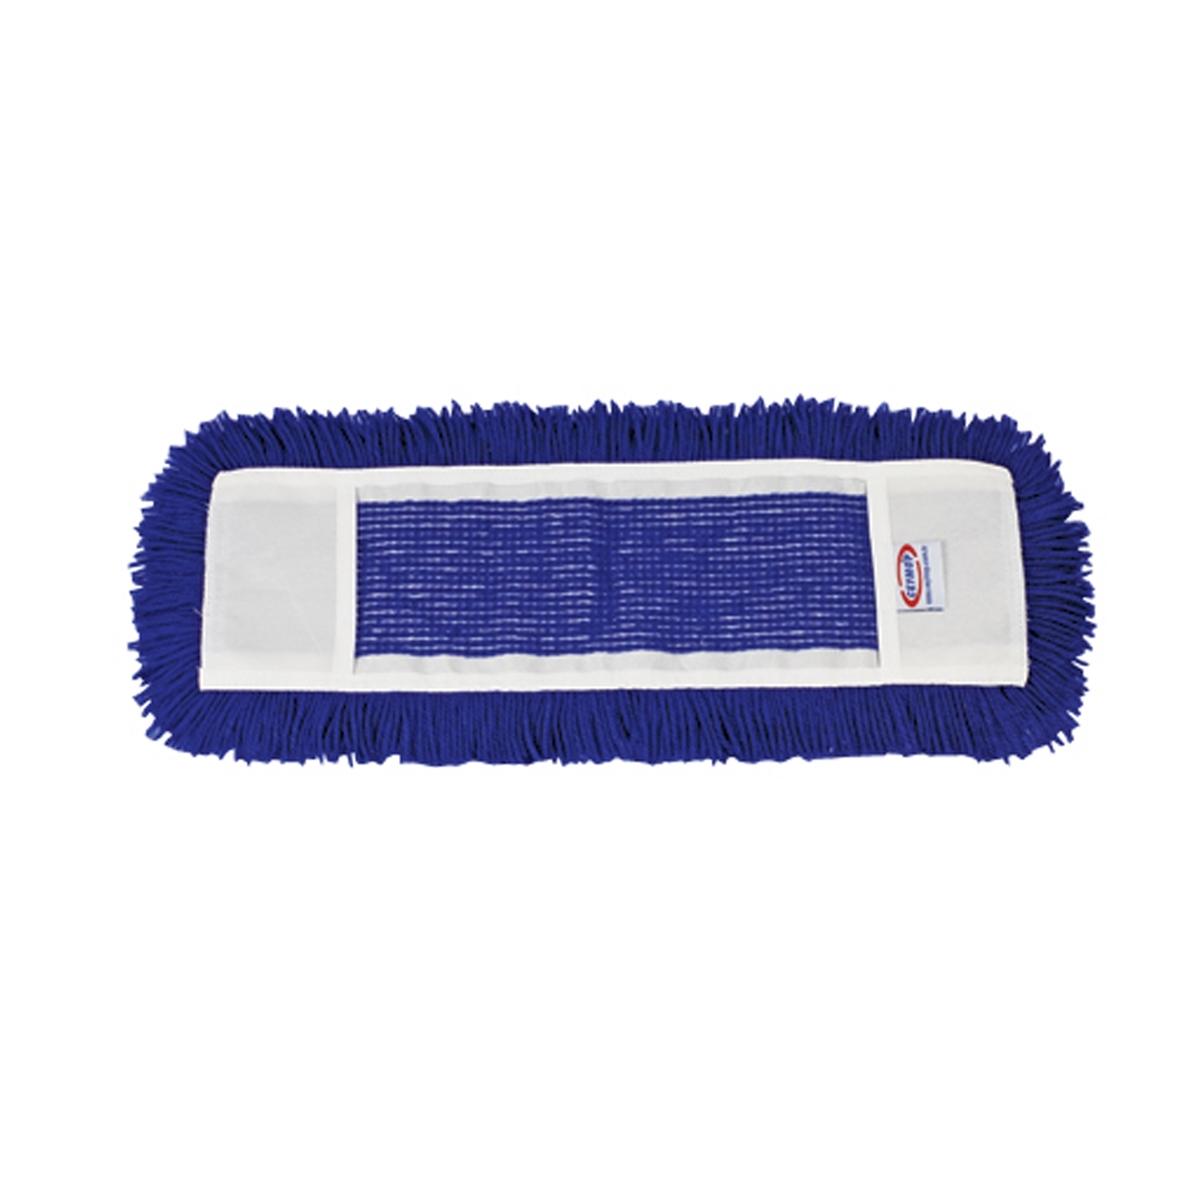 Ceymop Saçaklı Orlon Mop 60cm resmi